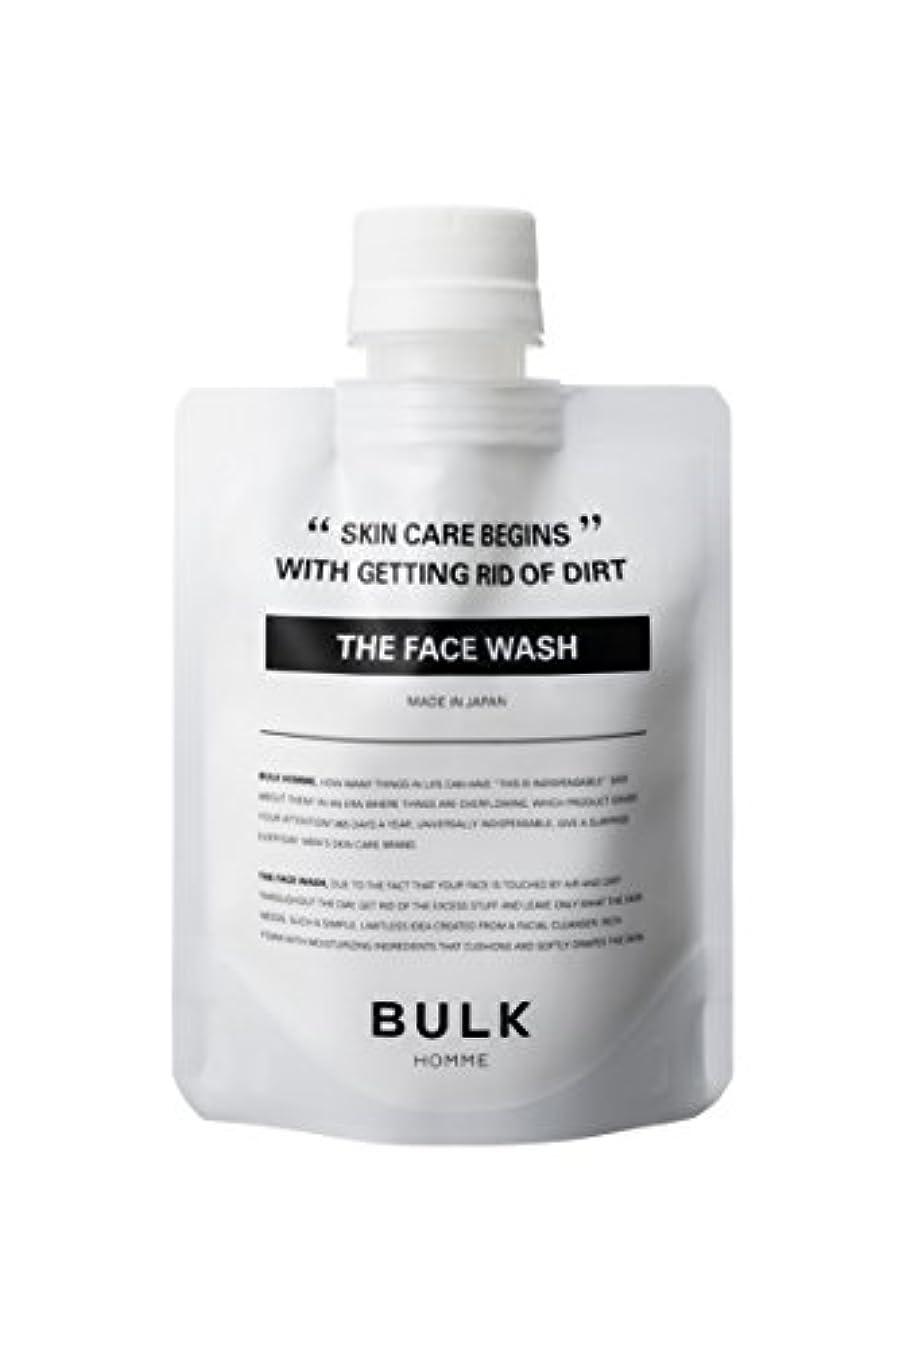 ほのか宣教師一時的BULK HOMME THE FACE WASH 洗顔料 100g